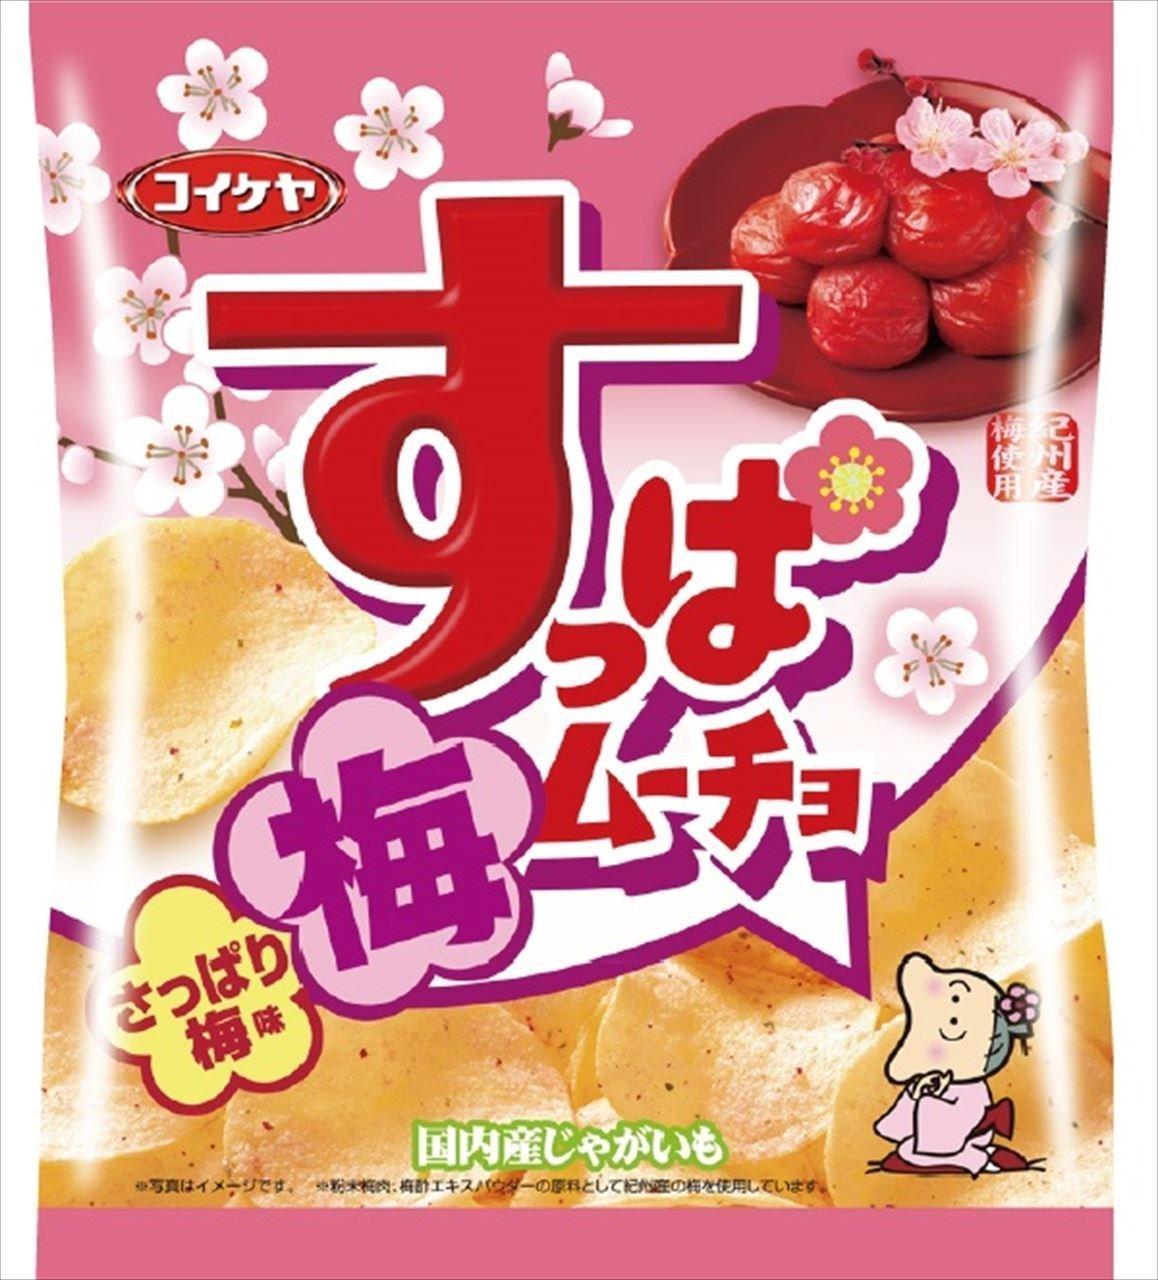 ume chips 2020 cherry blossom sakura snacks japan